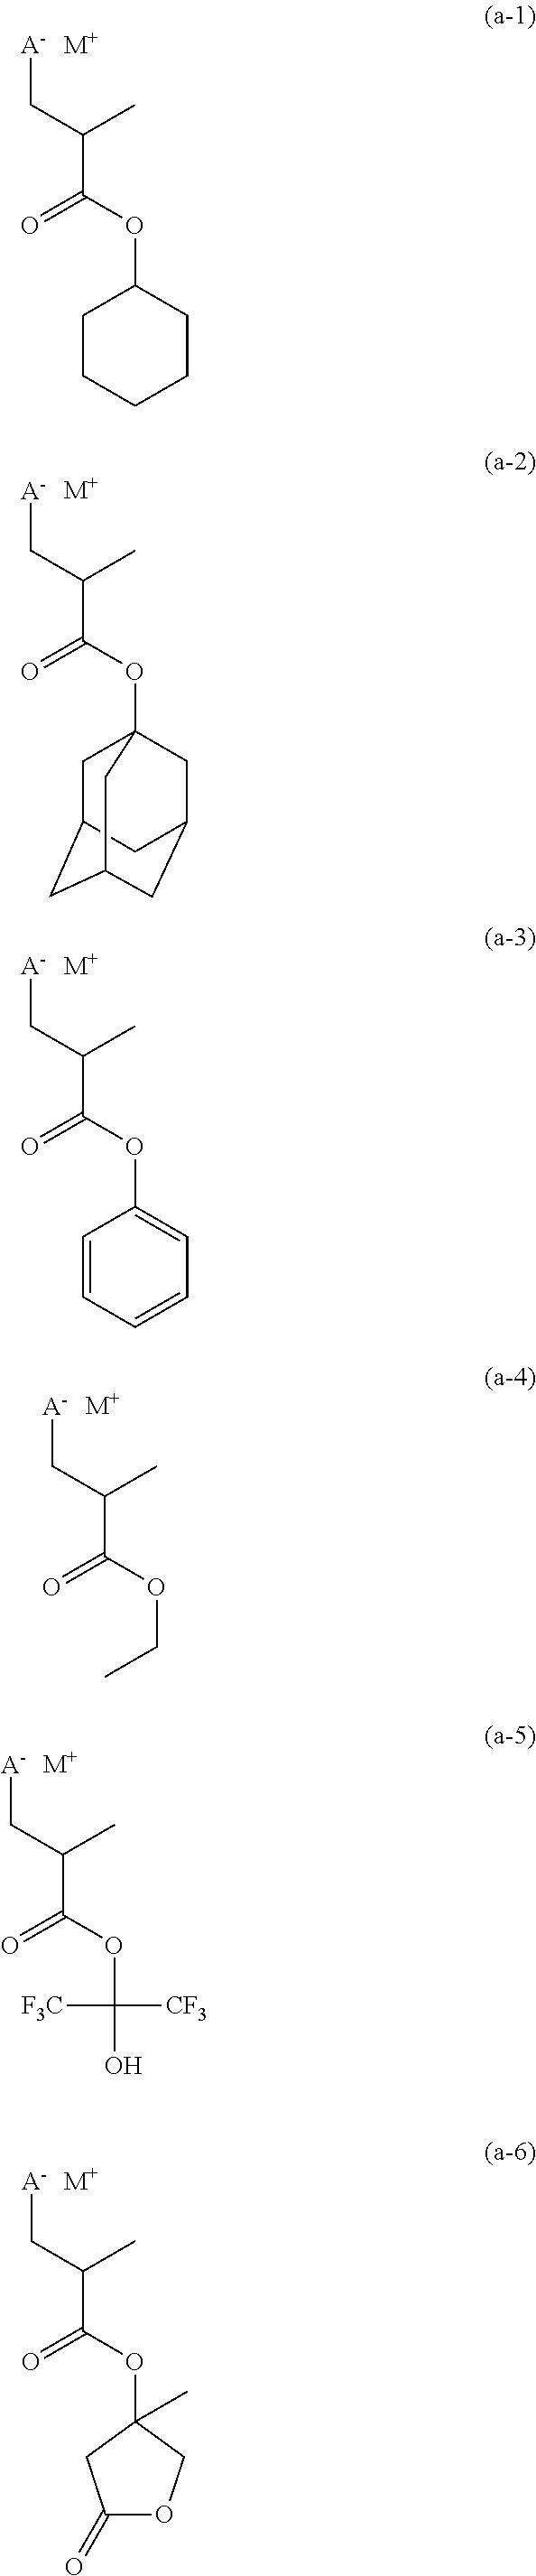 Figure US09477149-20161025-C00013